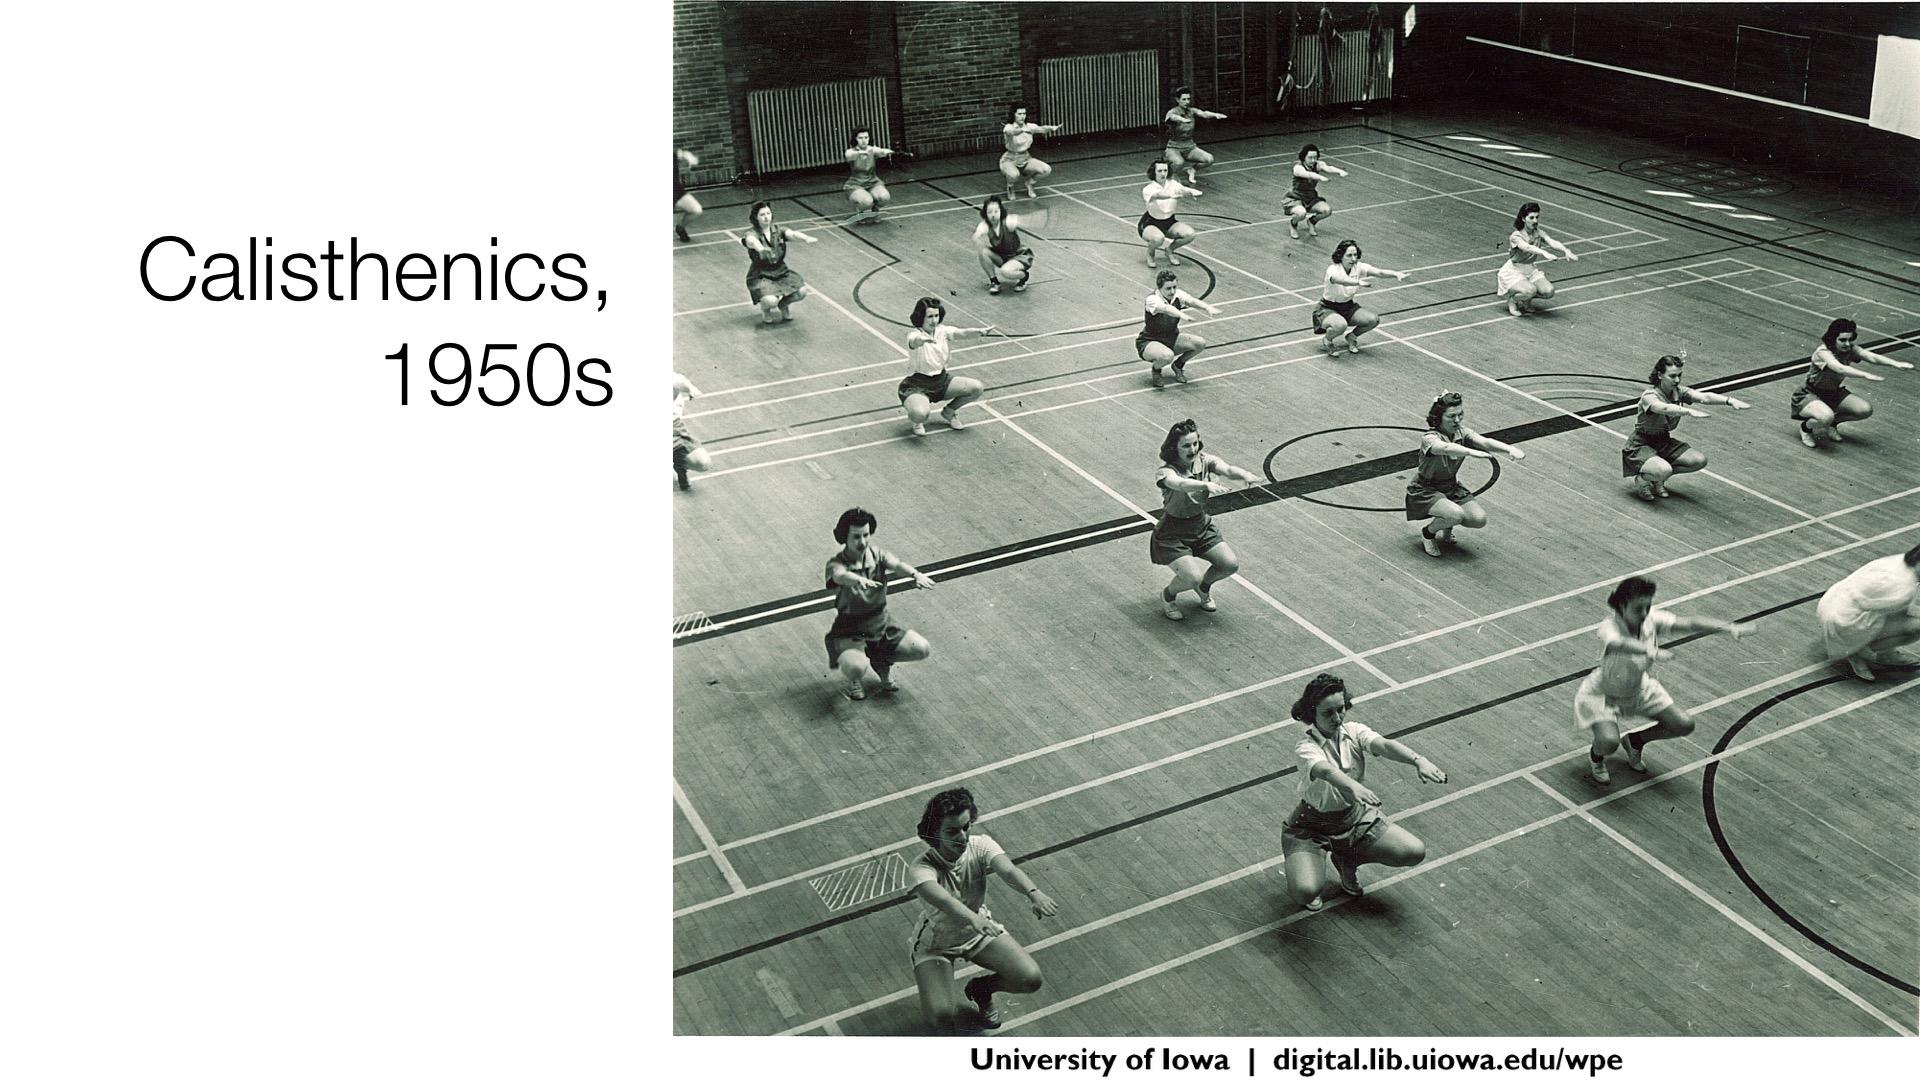 Calisthenics, 1950s